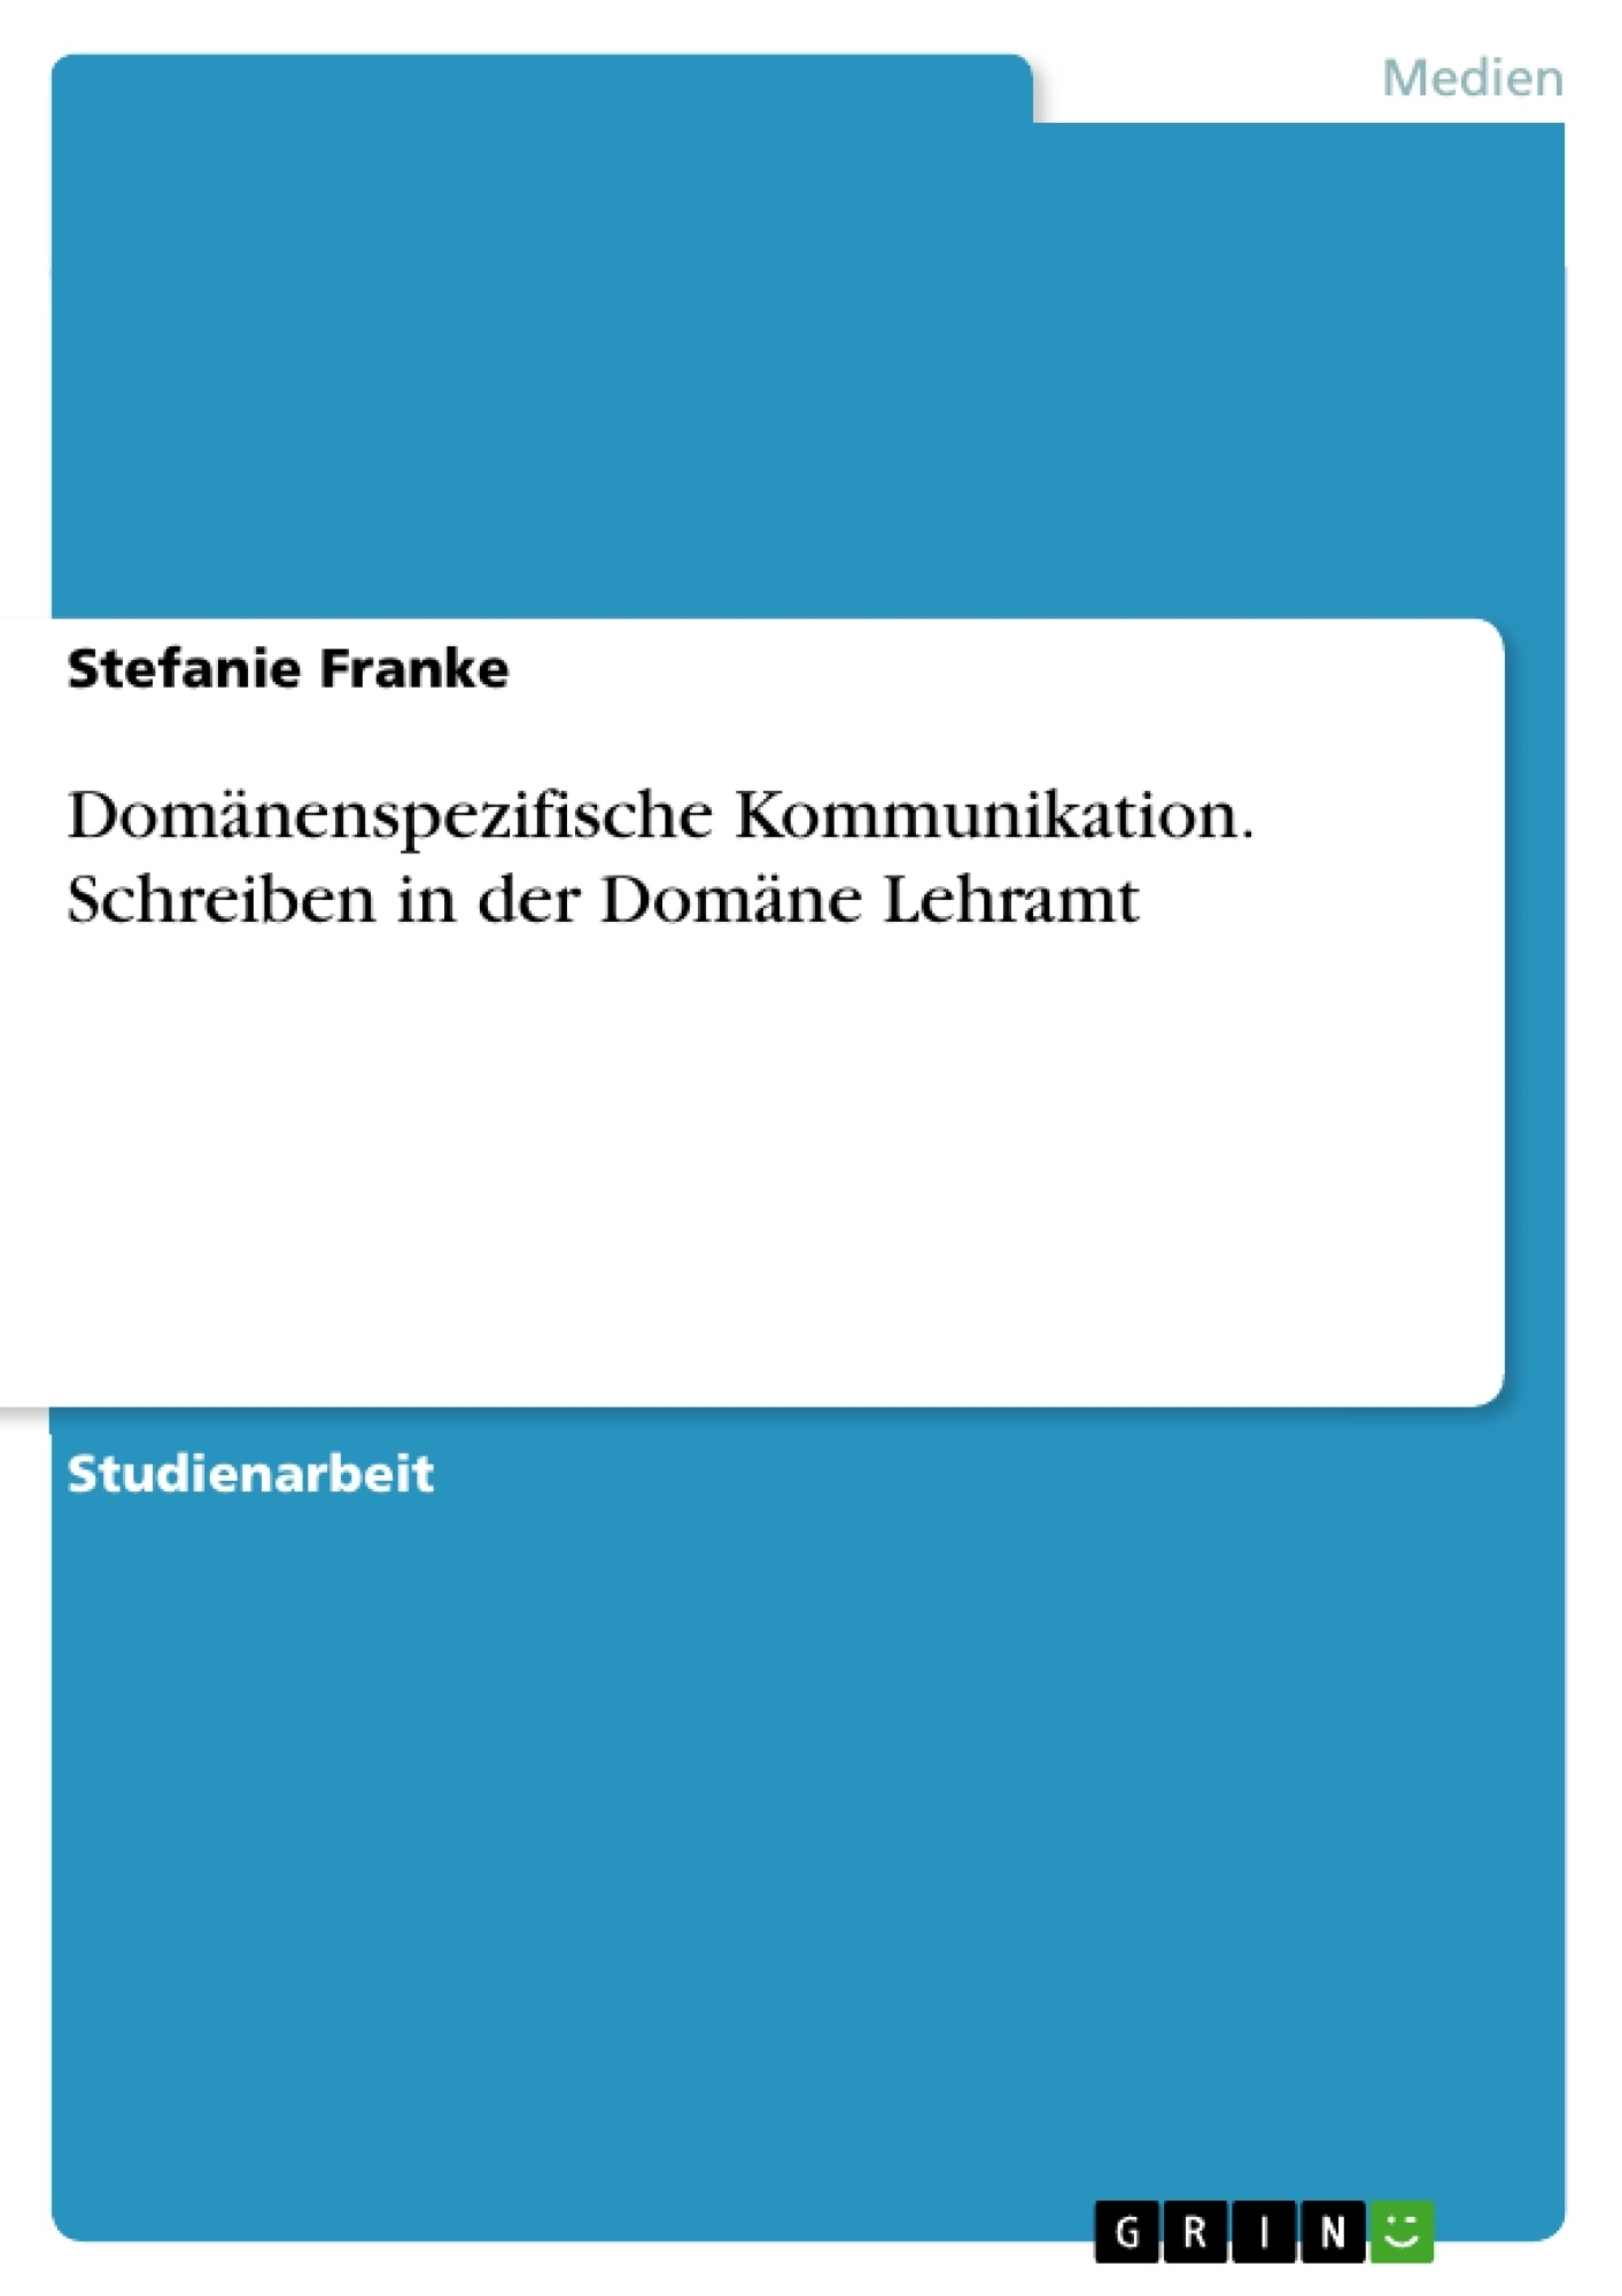 Titel: Domänenspezifische Kommunikation. Schreiben in der Domäne Lehramt